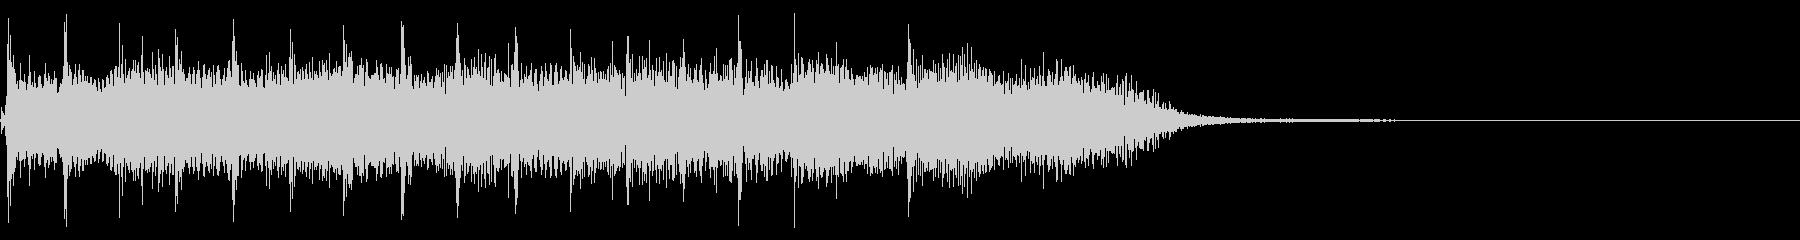 インパクトあるロックなジングル27の未再生の波形